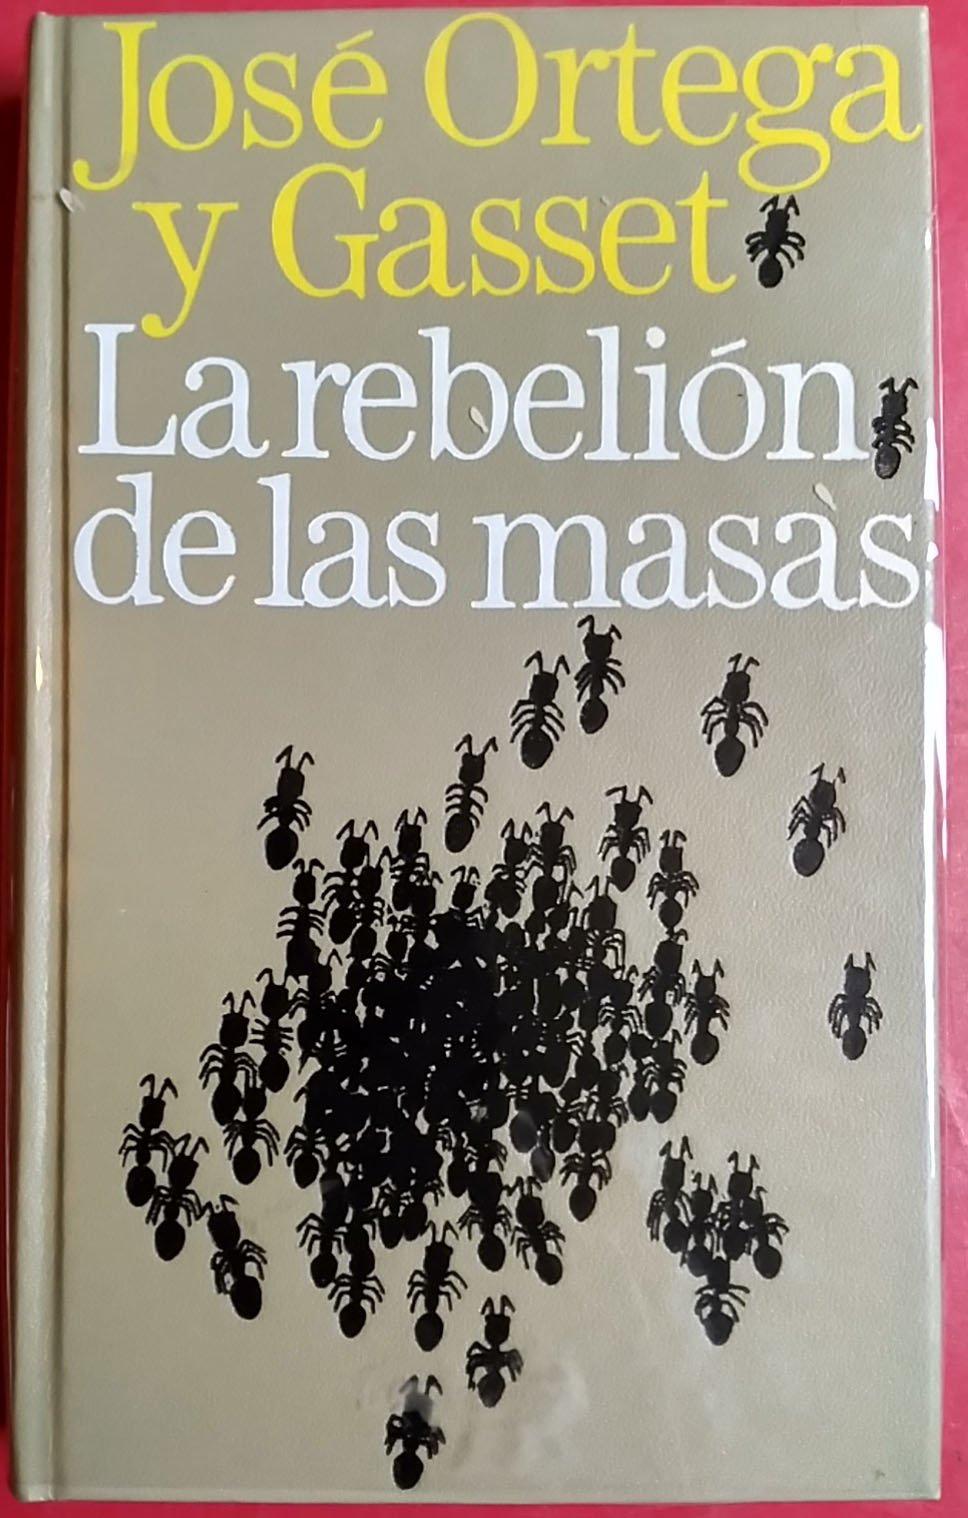 LA REBELION DE LAS MASAS: Amazon.es: Jose Ortega y Gasset, CIRCULO ...